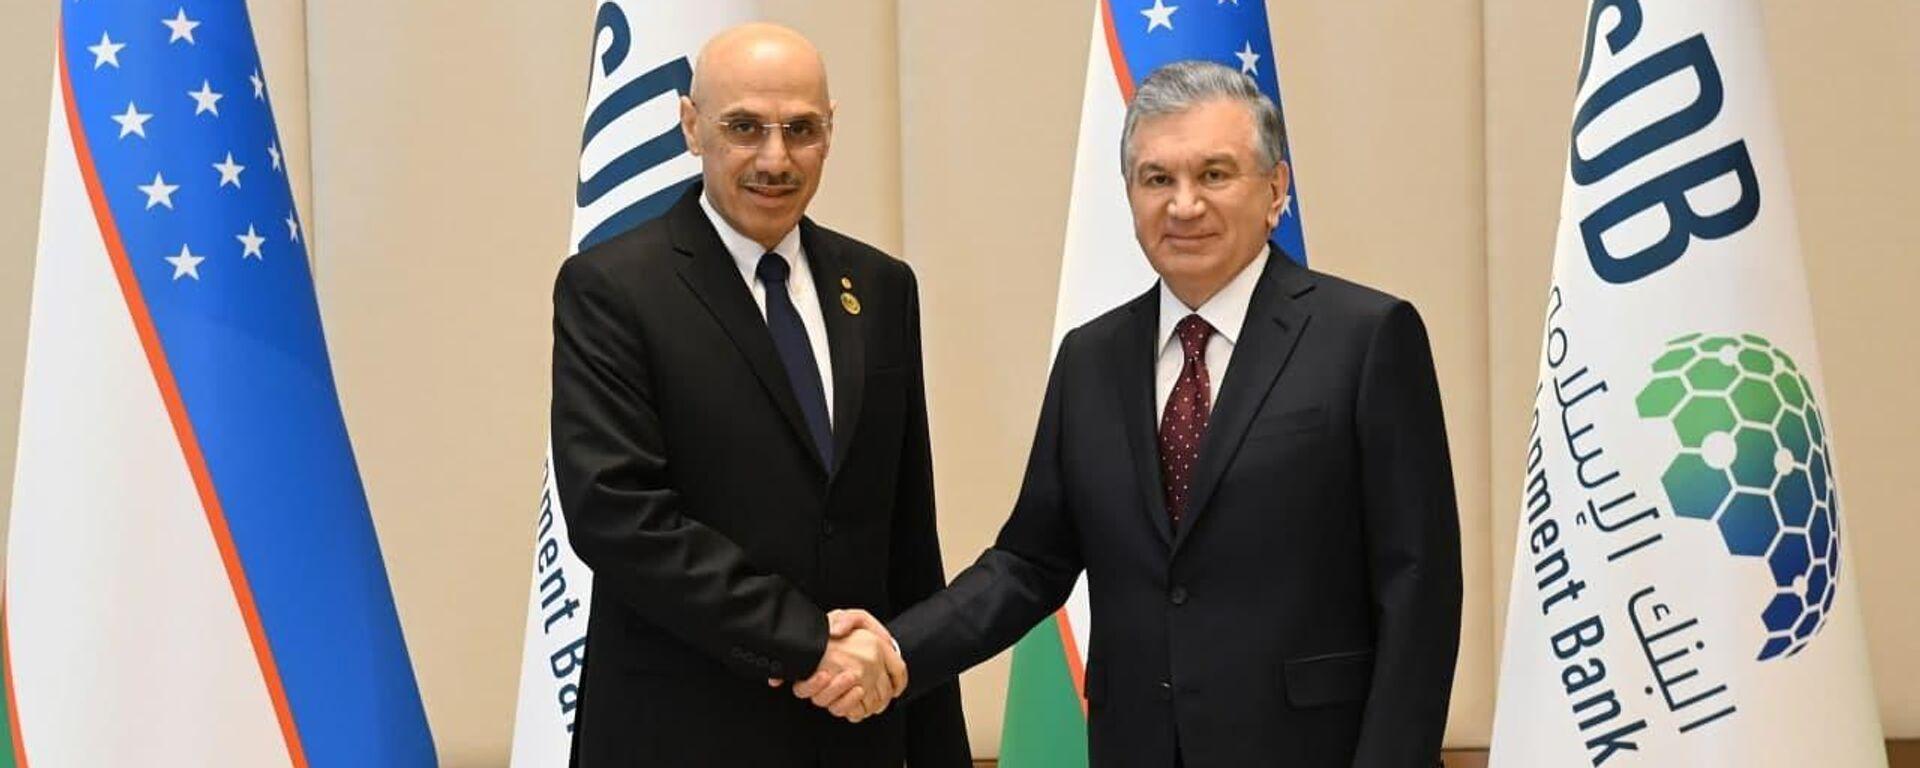 Мирзиёев провел встречу с главой ИБР - Sputnik Узбекистан, 1920, 02.09.2021